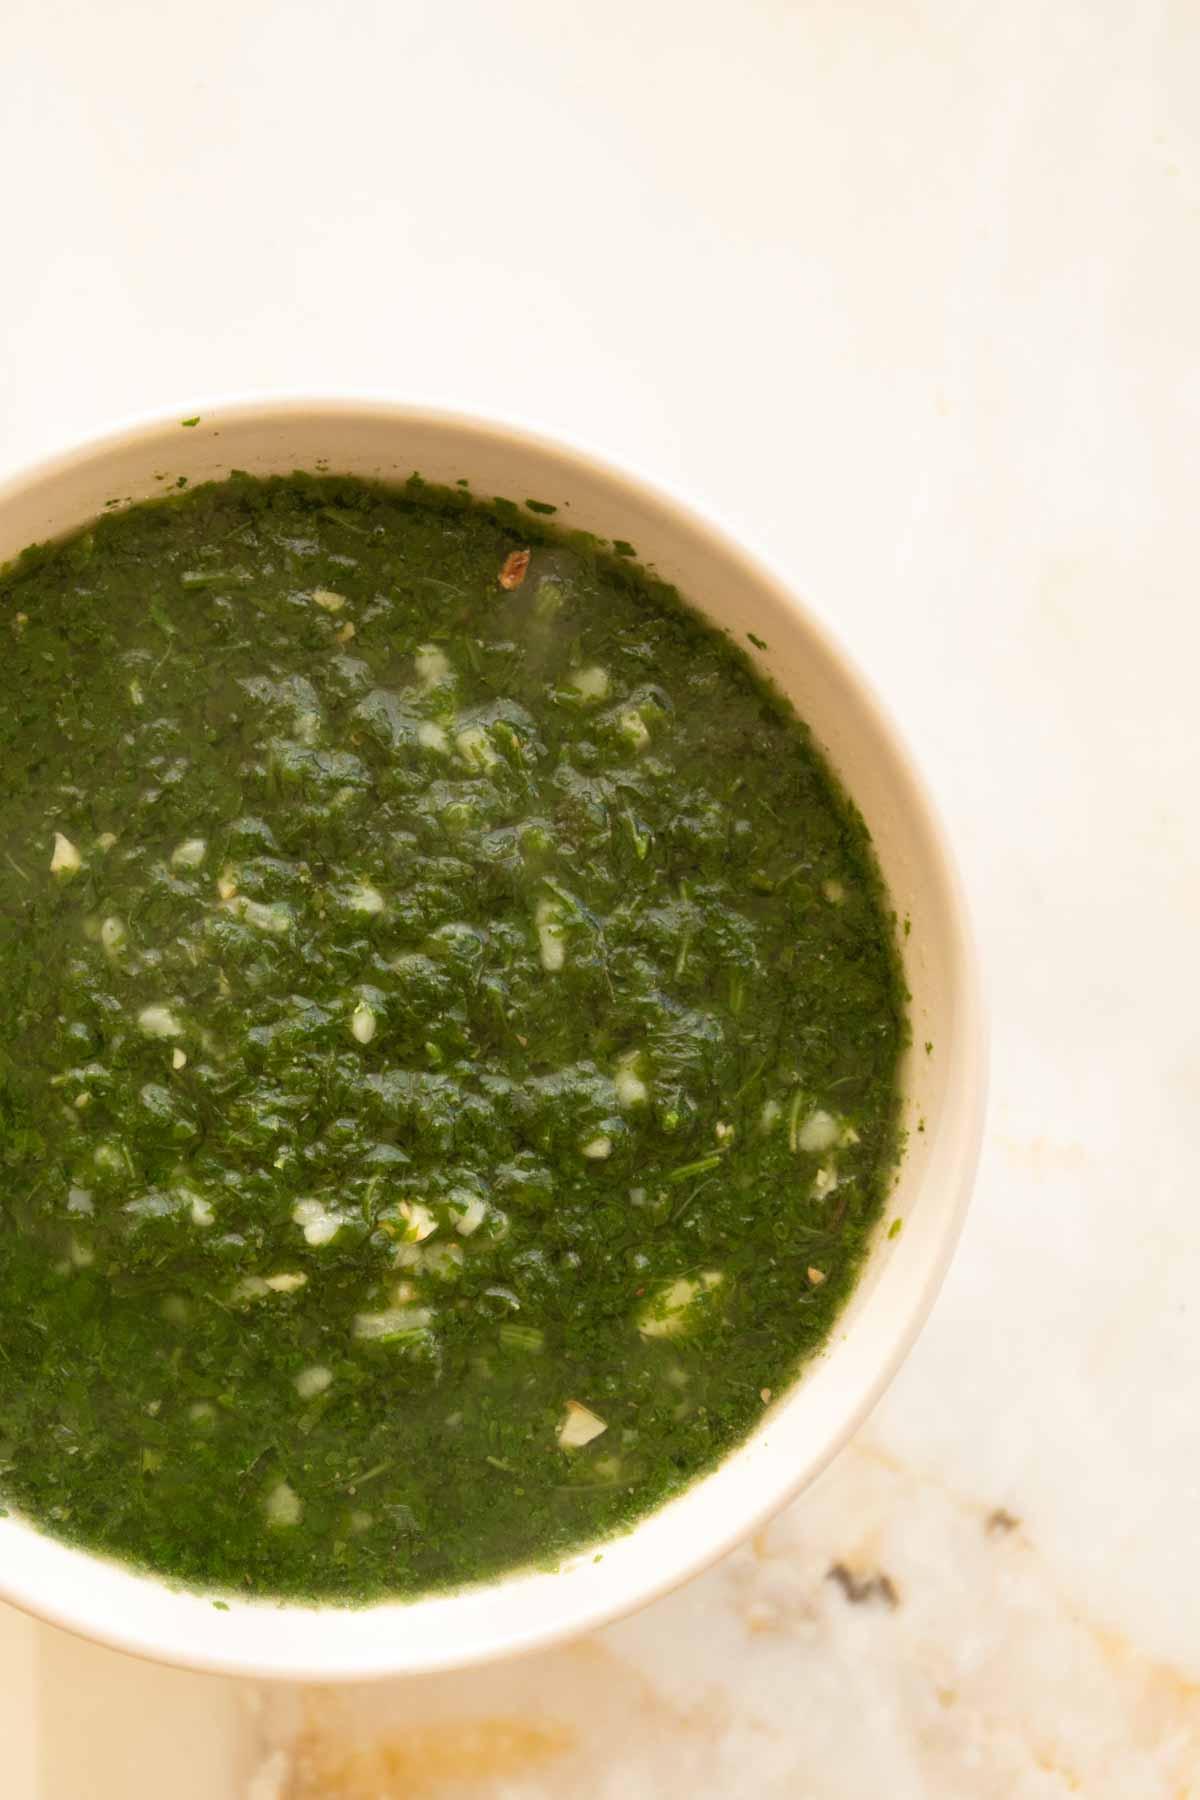 khobiza in a bowl